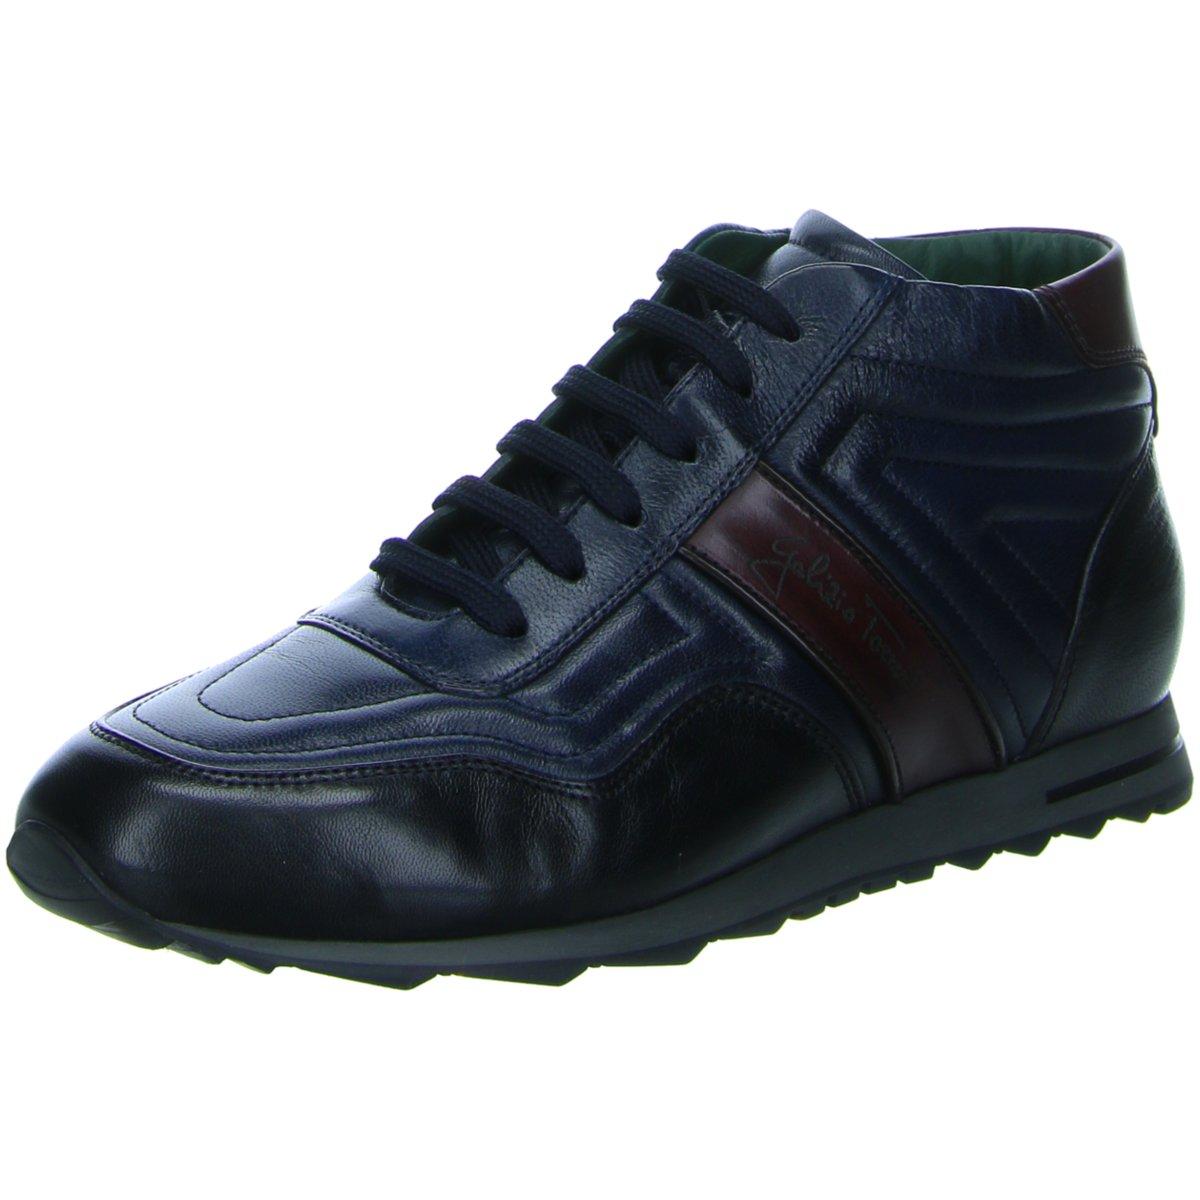 NEU GALIZIO TORRESI Herren Sneaker 323966V.15548 blau 218541